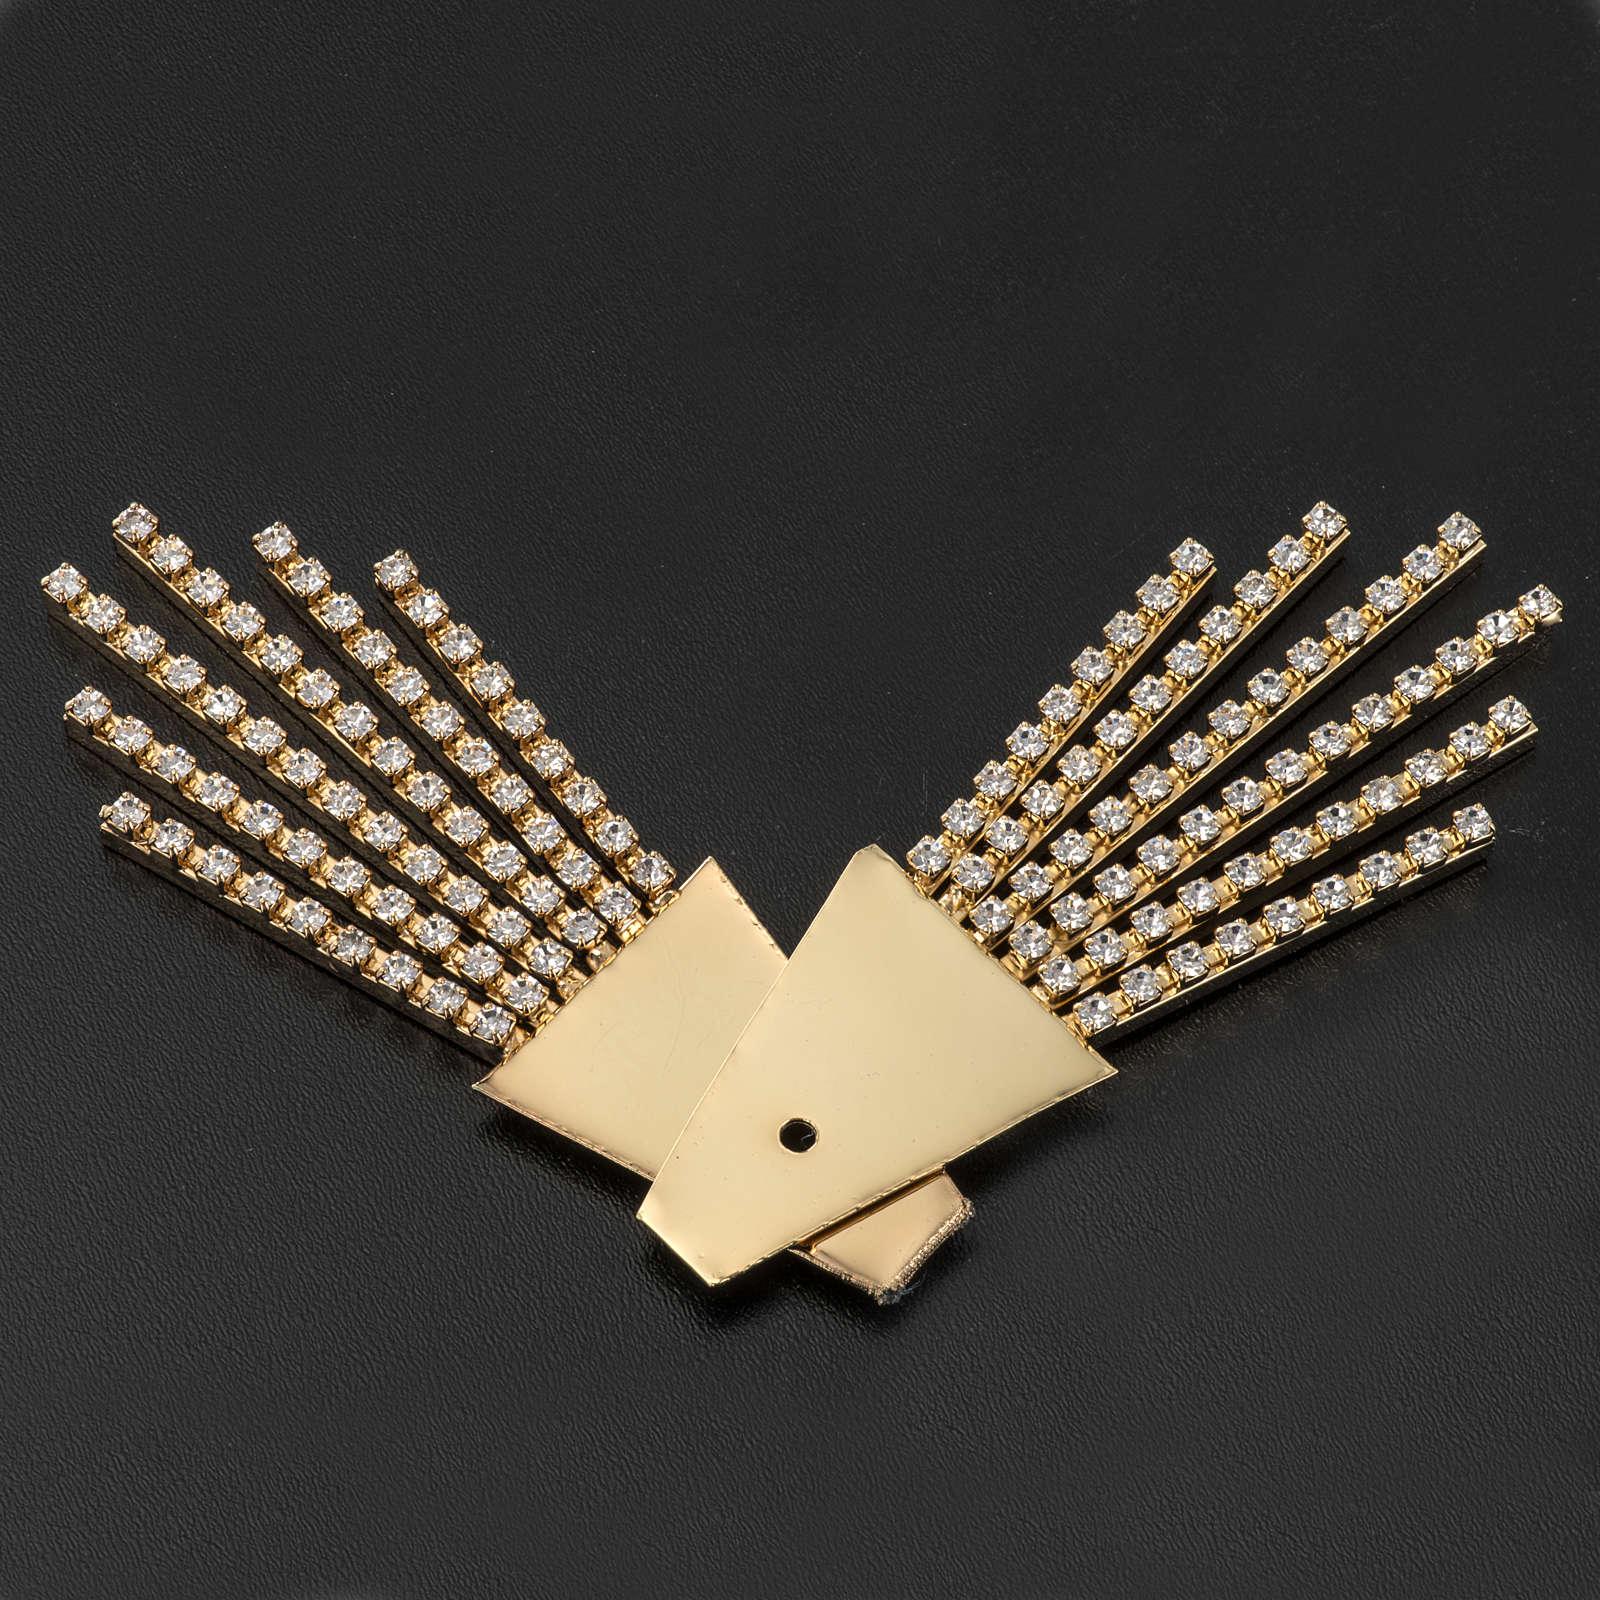 Raggiera ottone filigrana oro con Swarovski 3